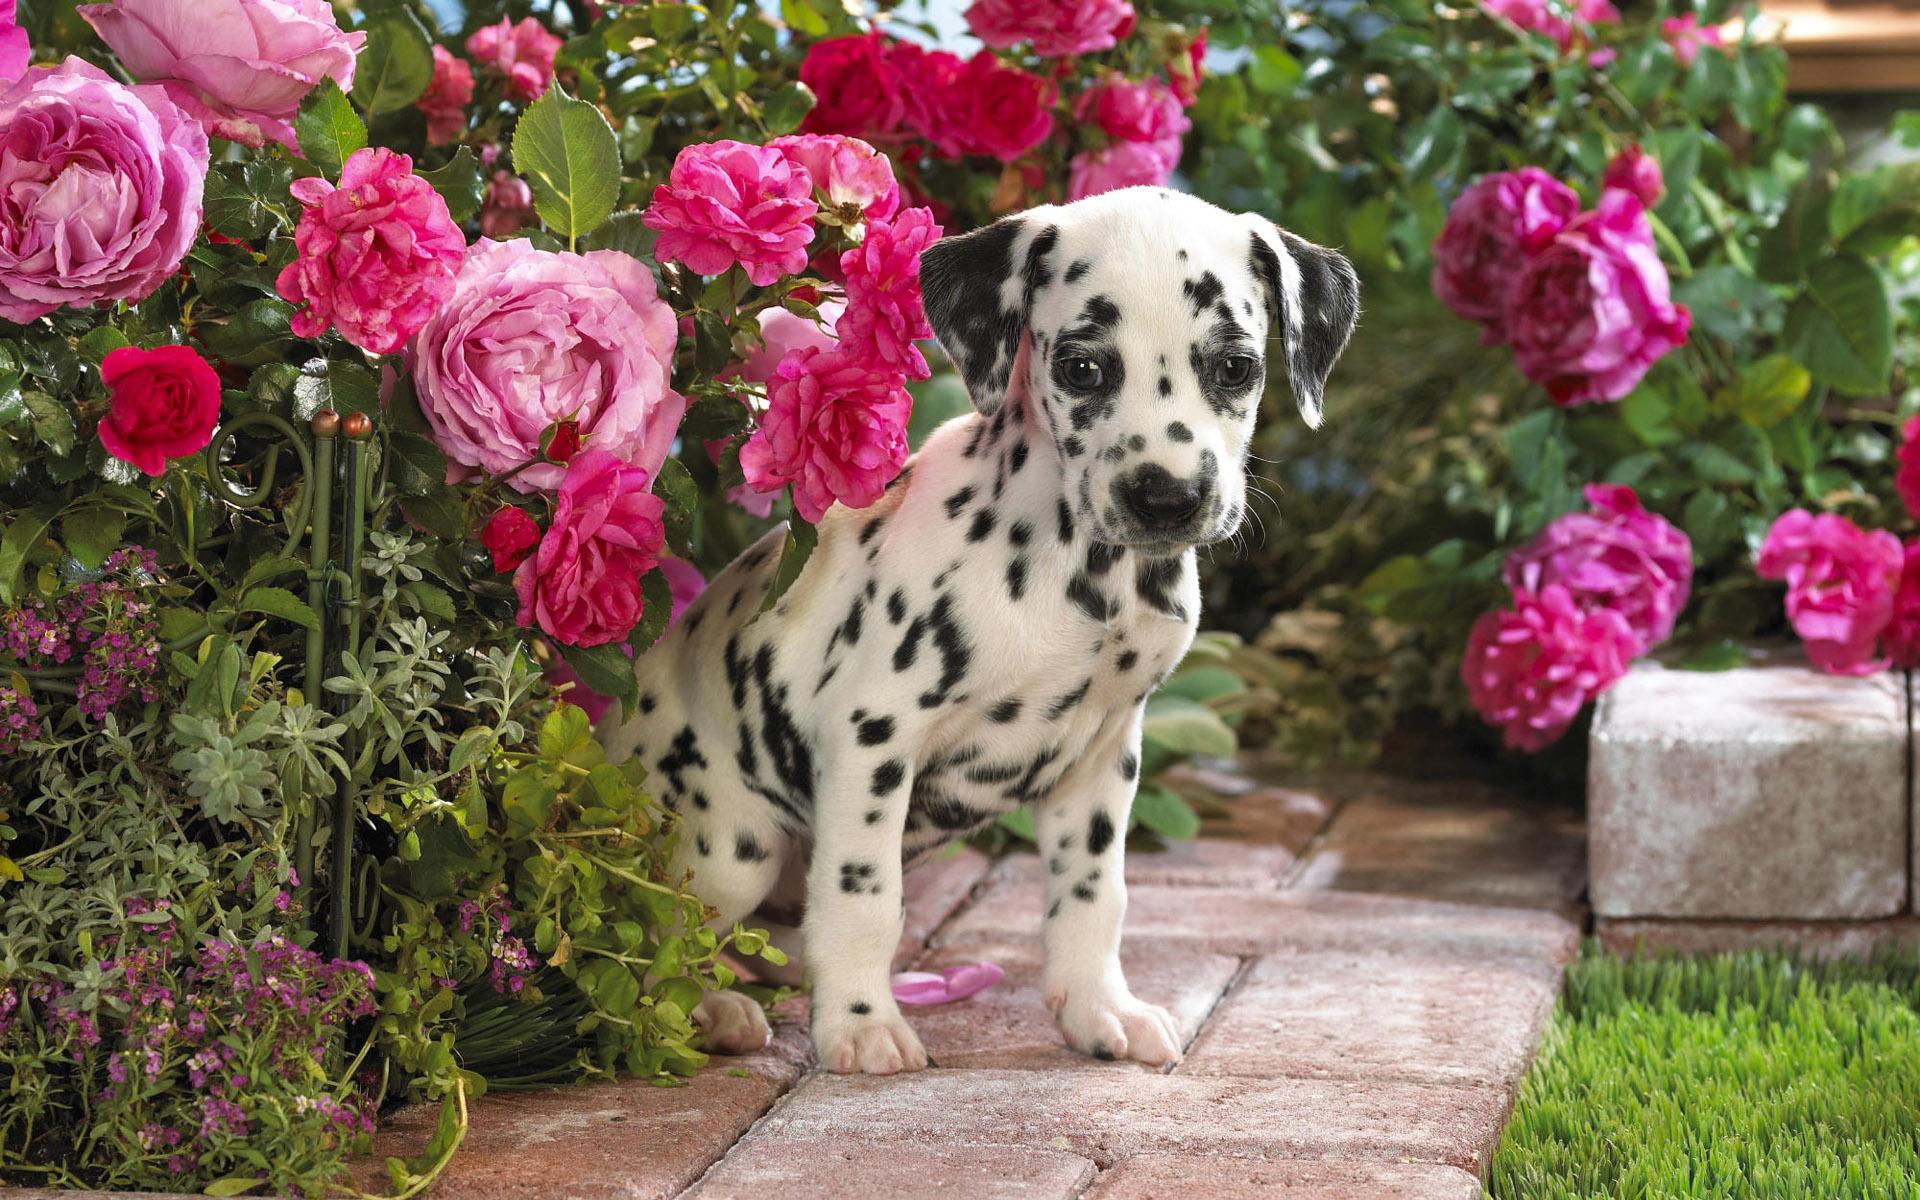 可爱狗狗宽屏 可爱狗狗 36 斑点狗 1366x768图片